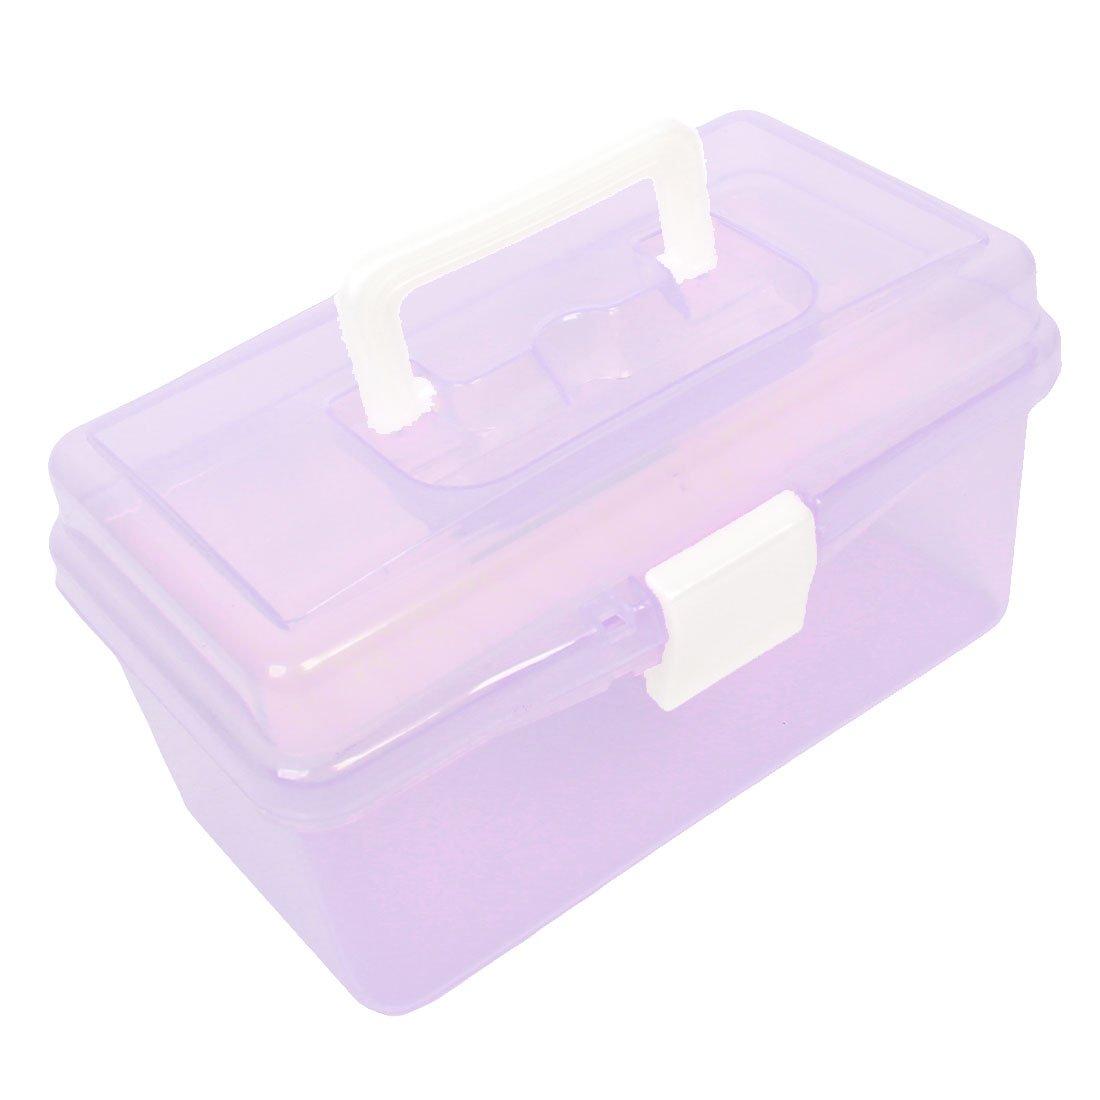 Sourcingmap a13090200ux0751 Boîte de rangement à outils en plastique avec poignée Double épaisseur Violet transparent